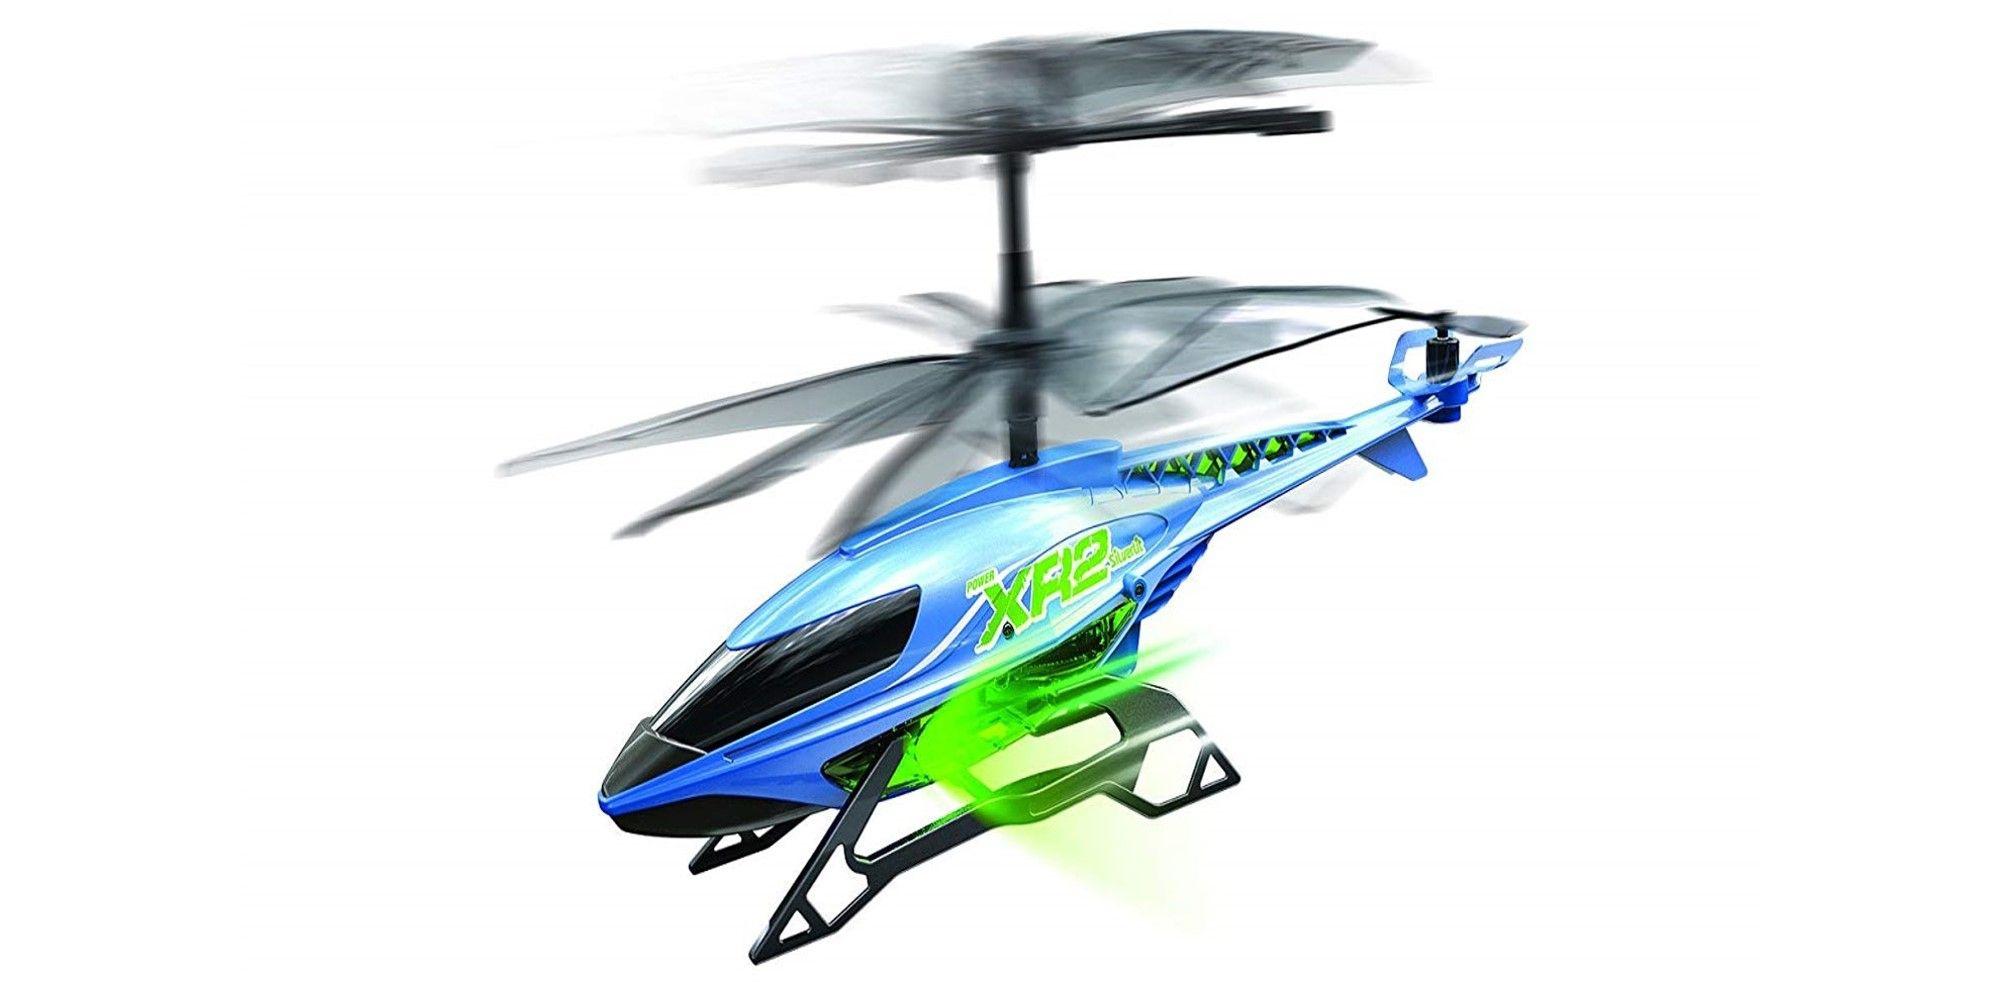 Cn /_ Extérieur Enfant Ballon Copter Avion Hélicoptère Volant Aircraft Jeu Jouets